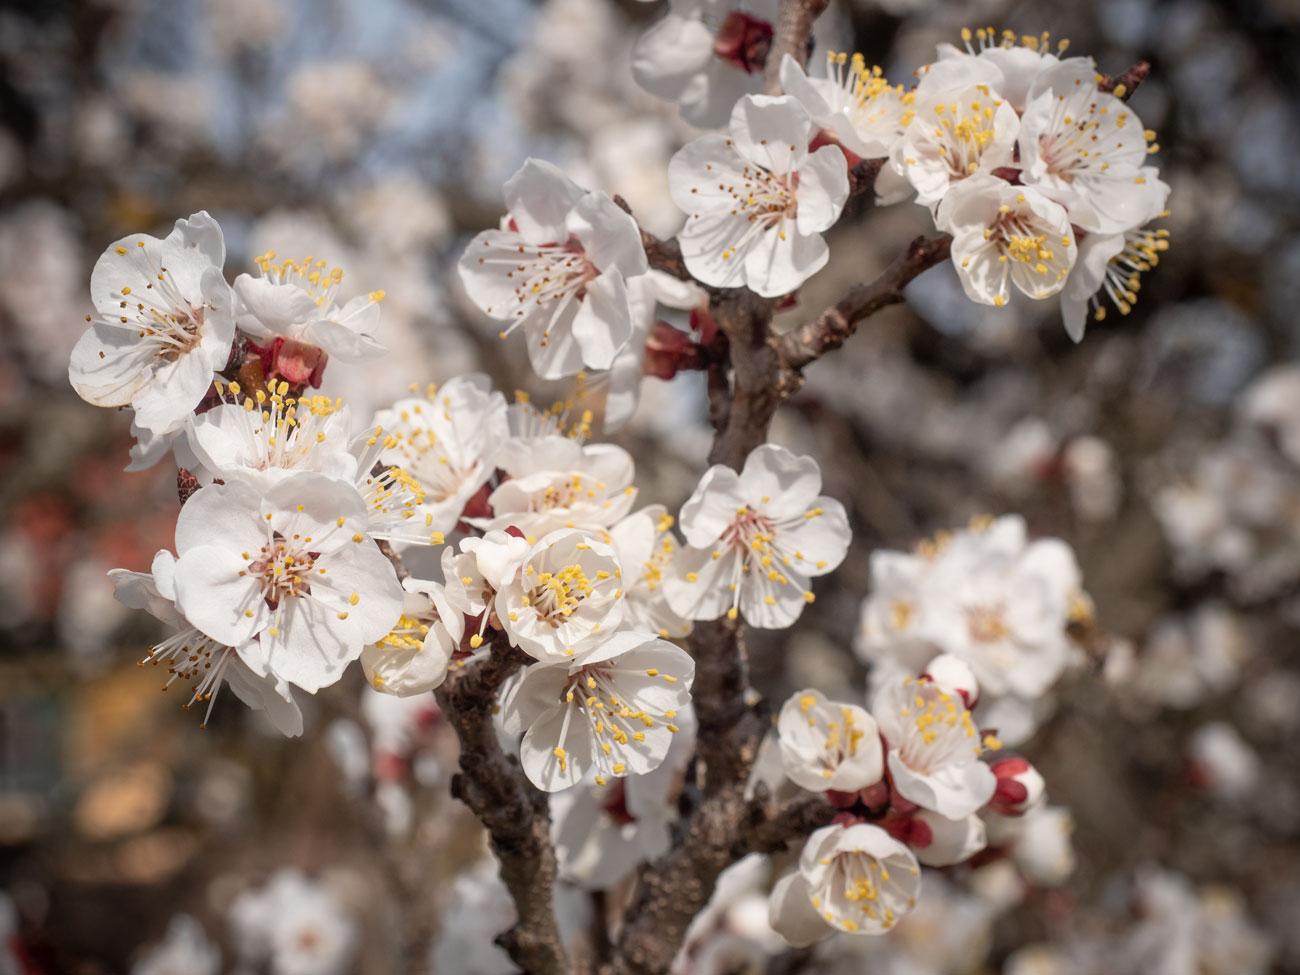 Marillenblüte 2019 im Burgenland